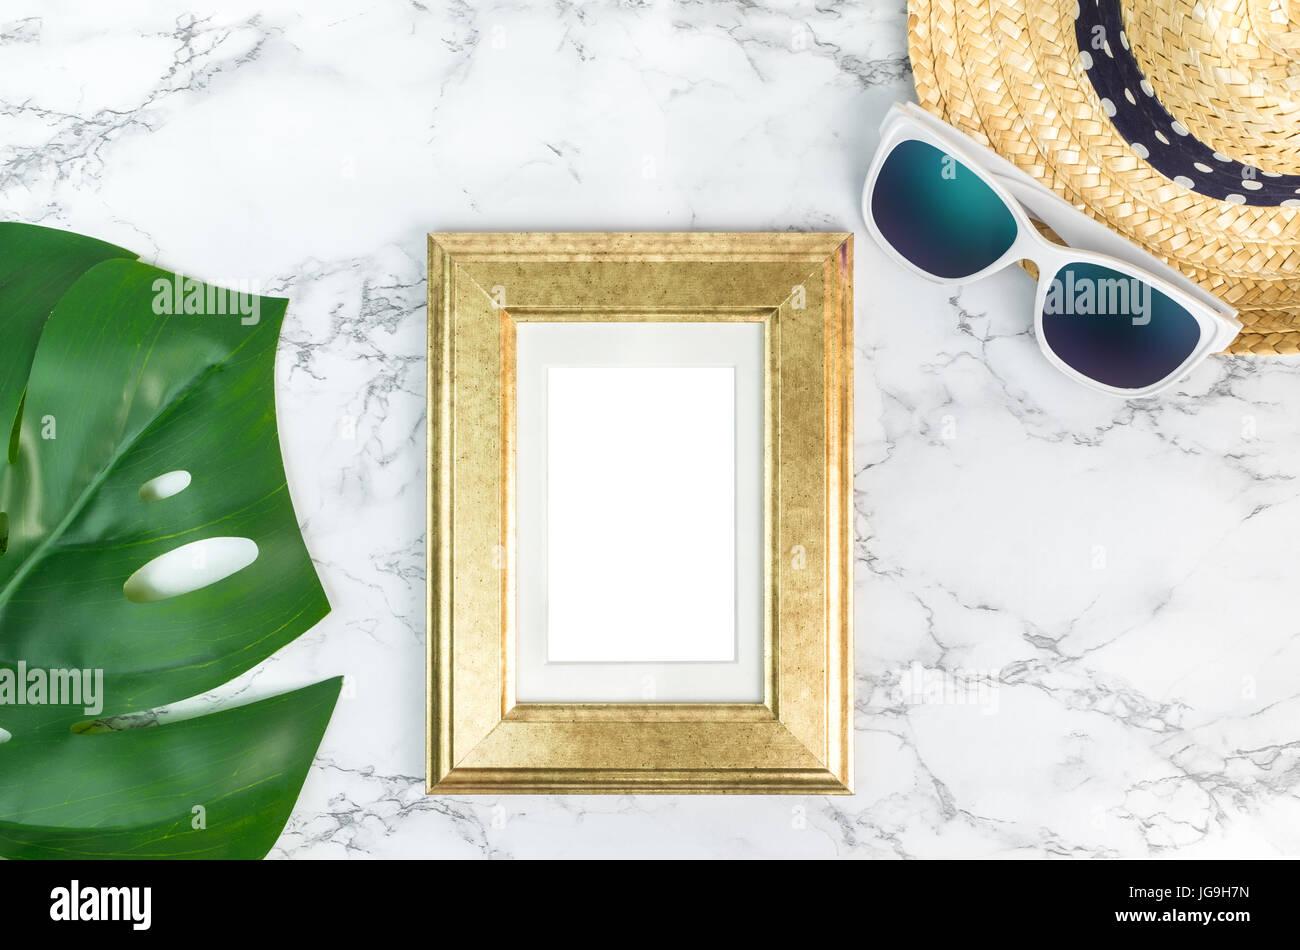 Leere Bilderrahmen Vintage goldene Farbe auf grün Monstera Blatt mit ...